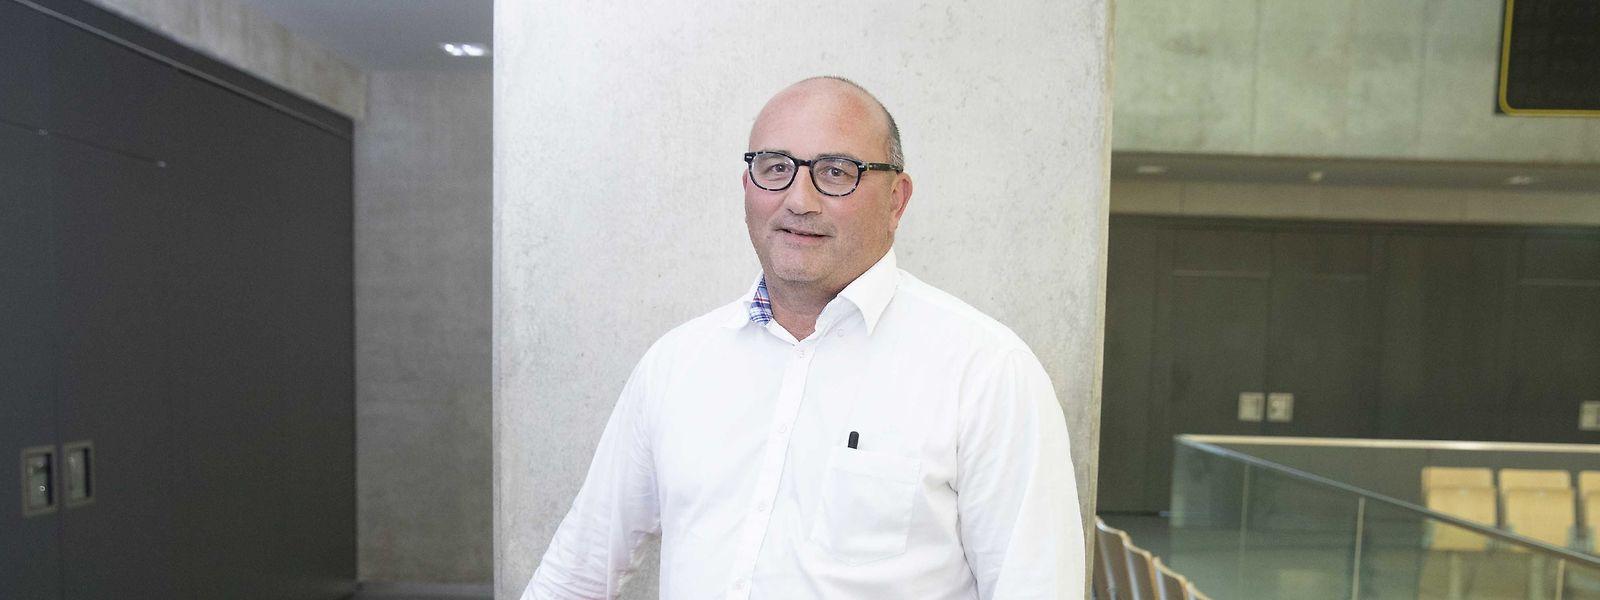 Frank Arendt ist mit der Entscheidung der anderen Vorstandsmitglieder nicht einverstanden.